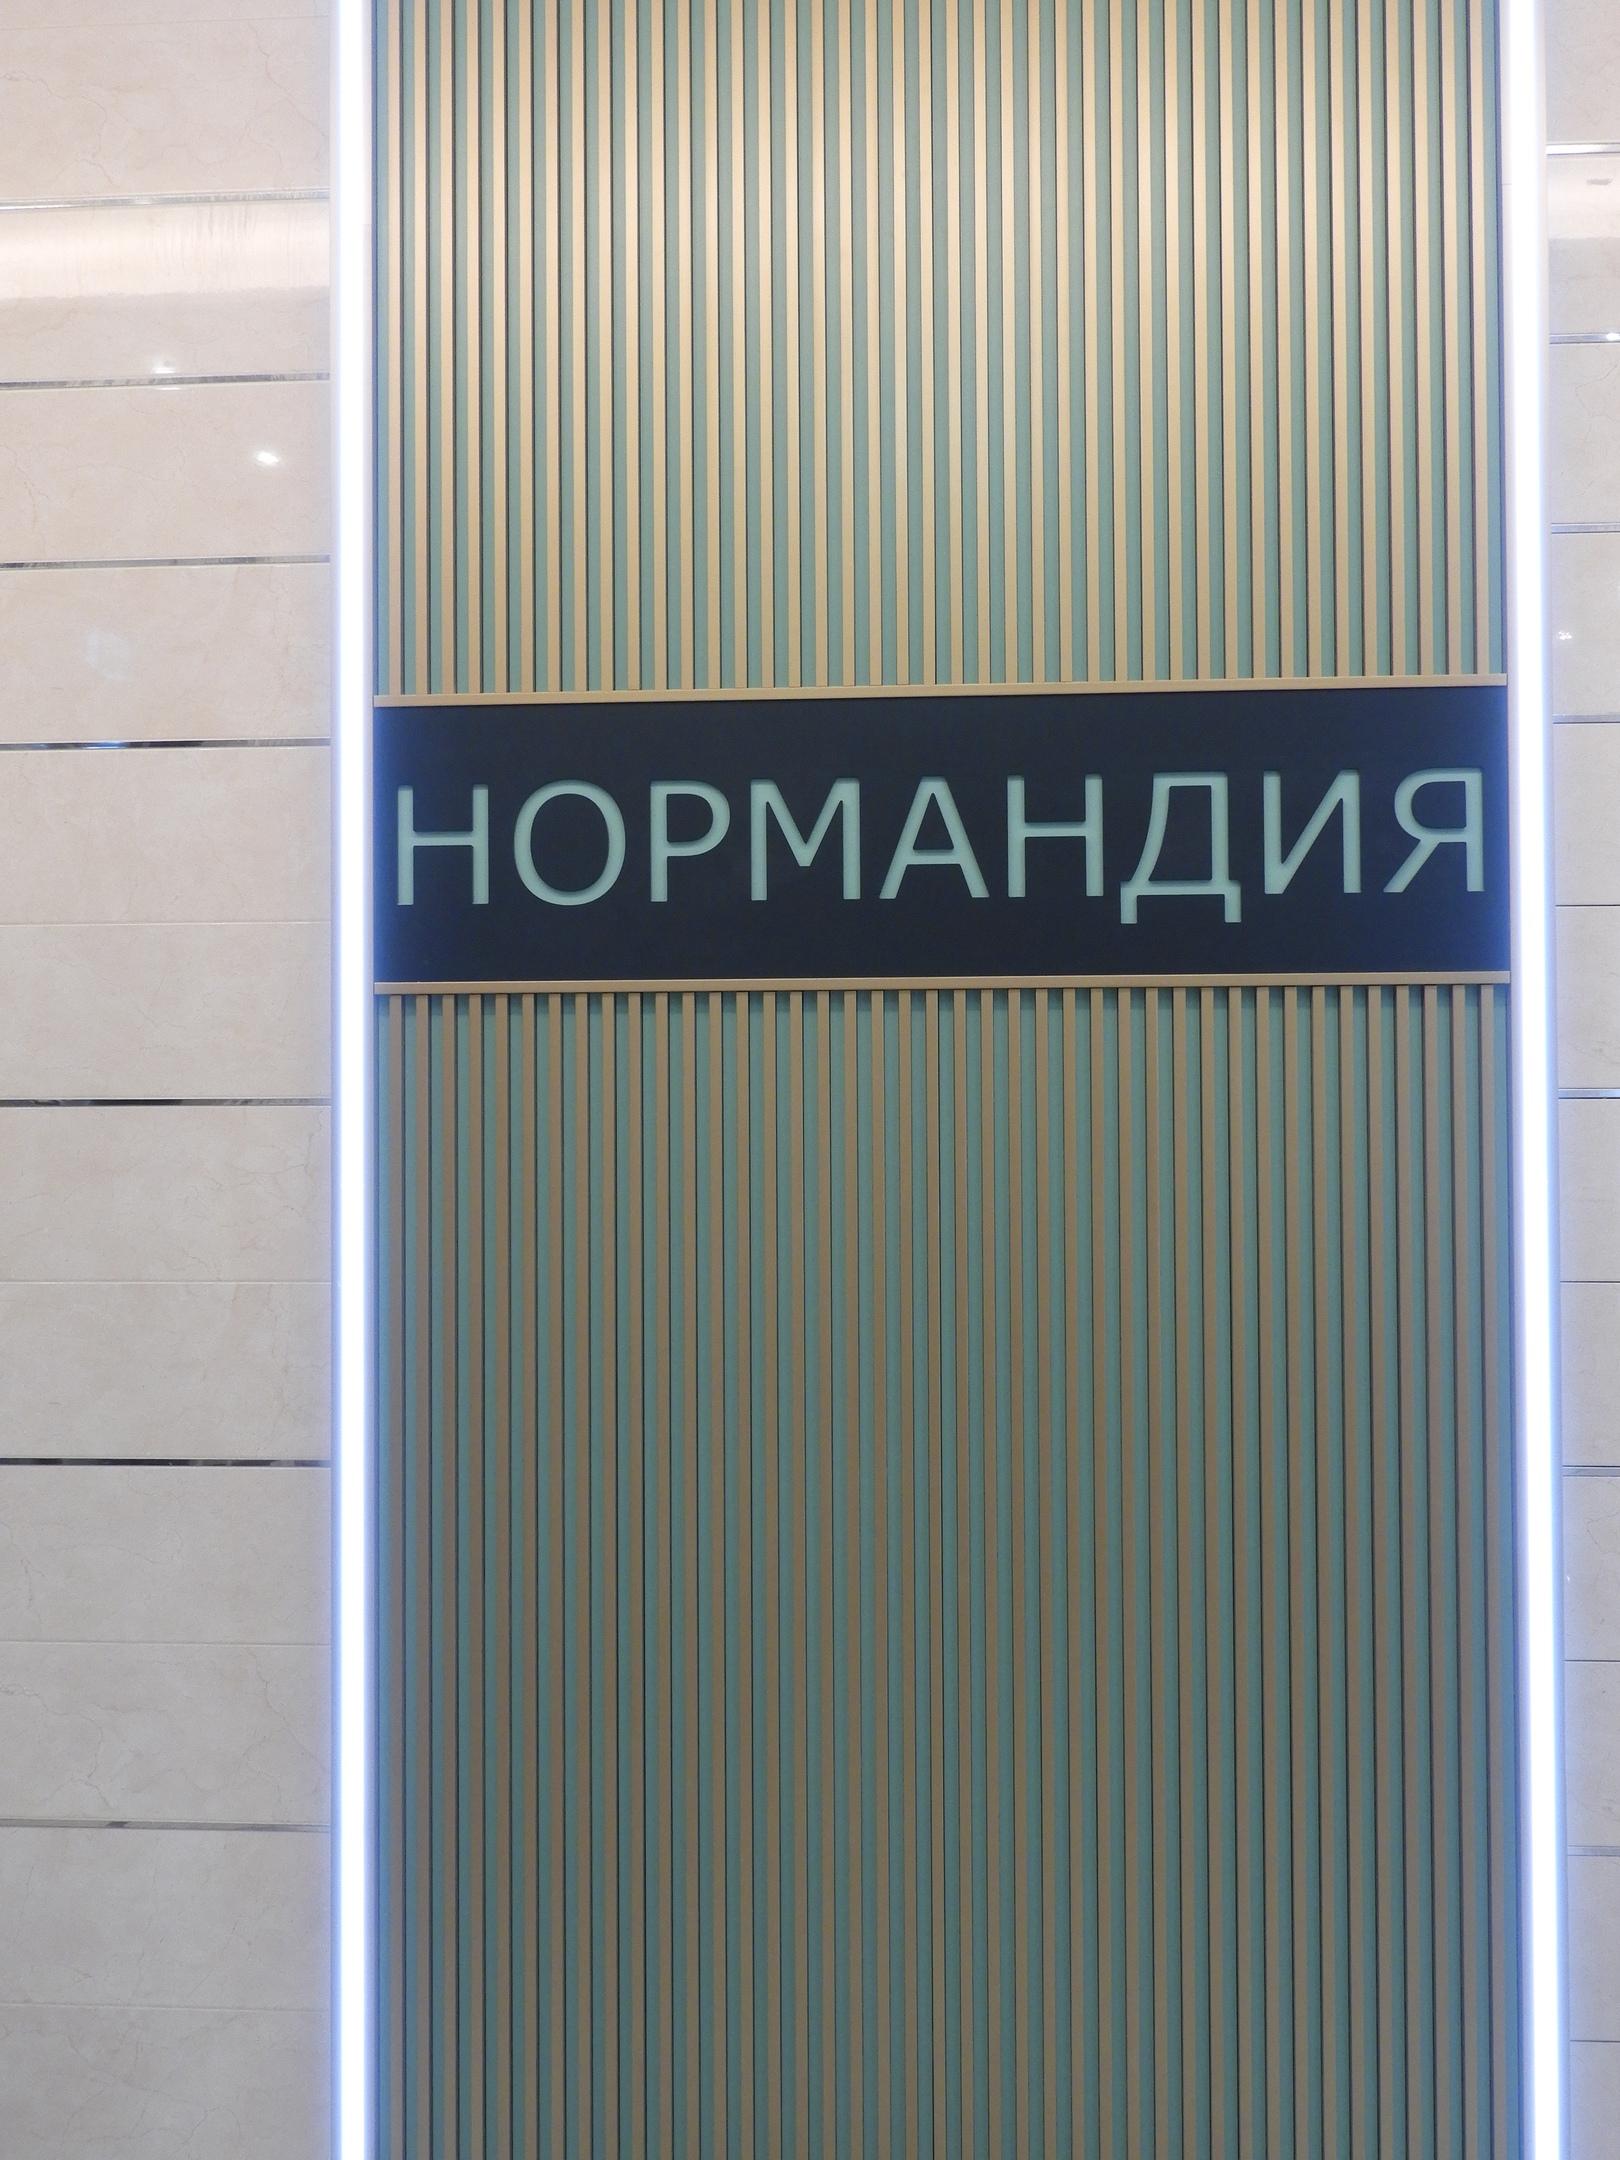 Новый проект Эталона в Москве - ЖК «Нормандия»  - Страница 9 9FzhOfT5bfc